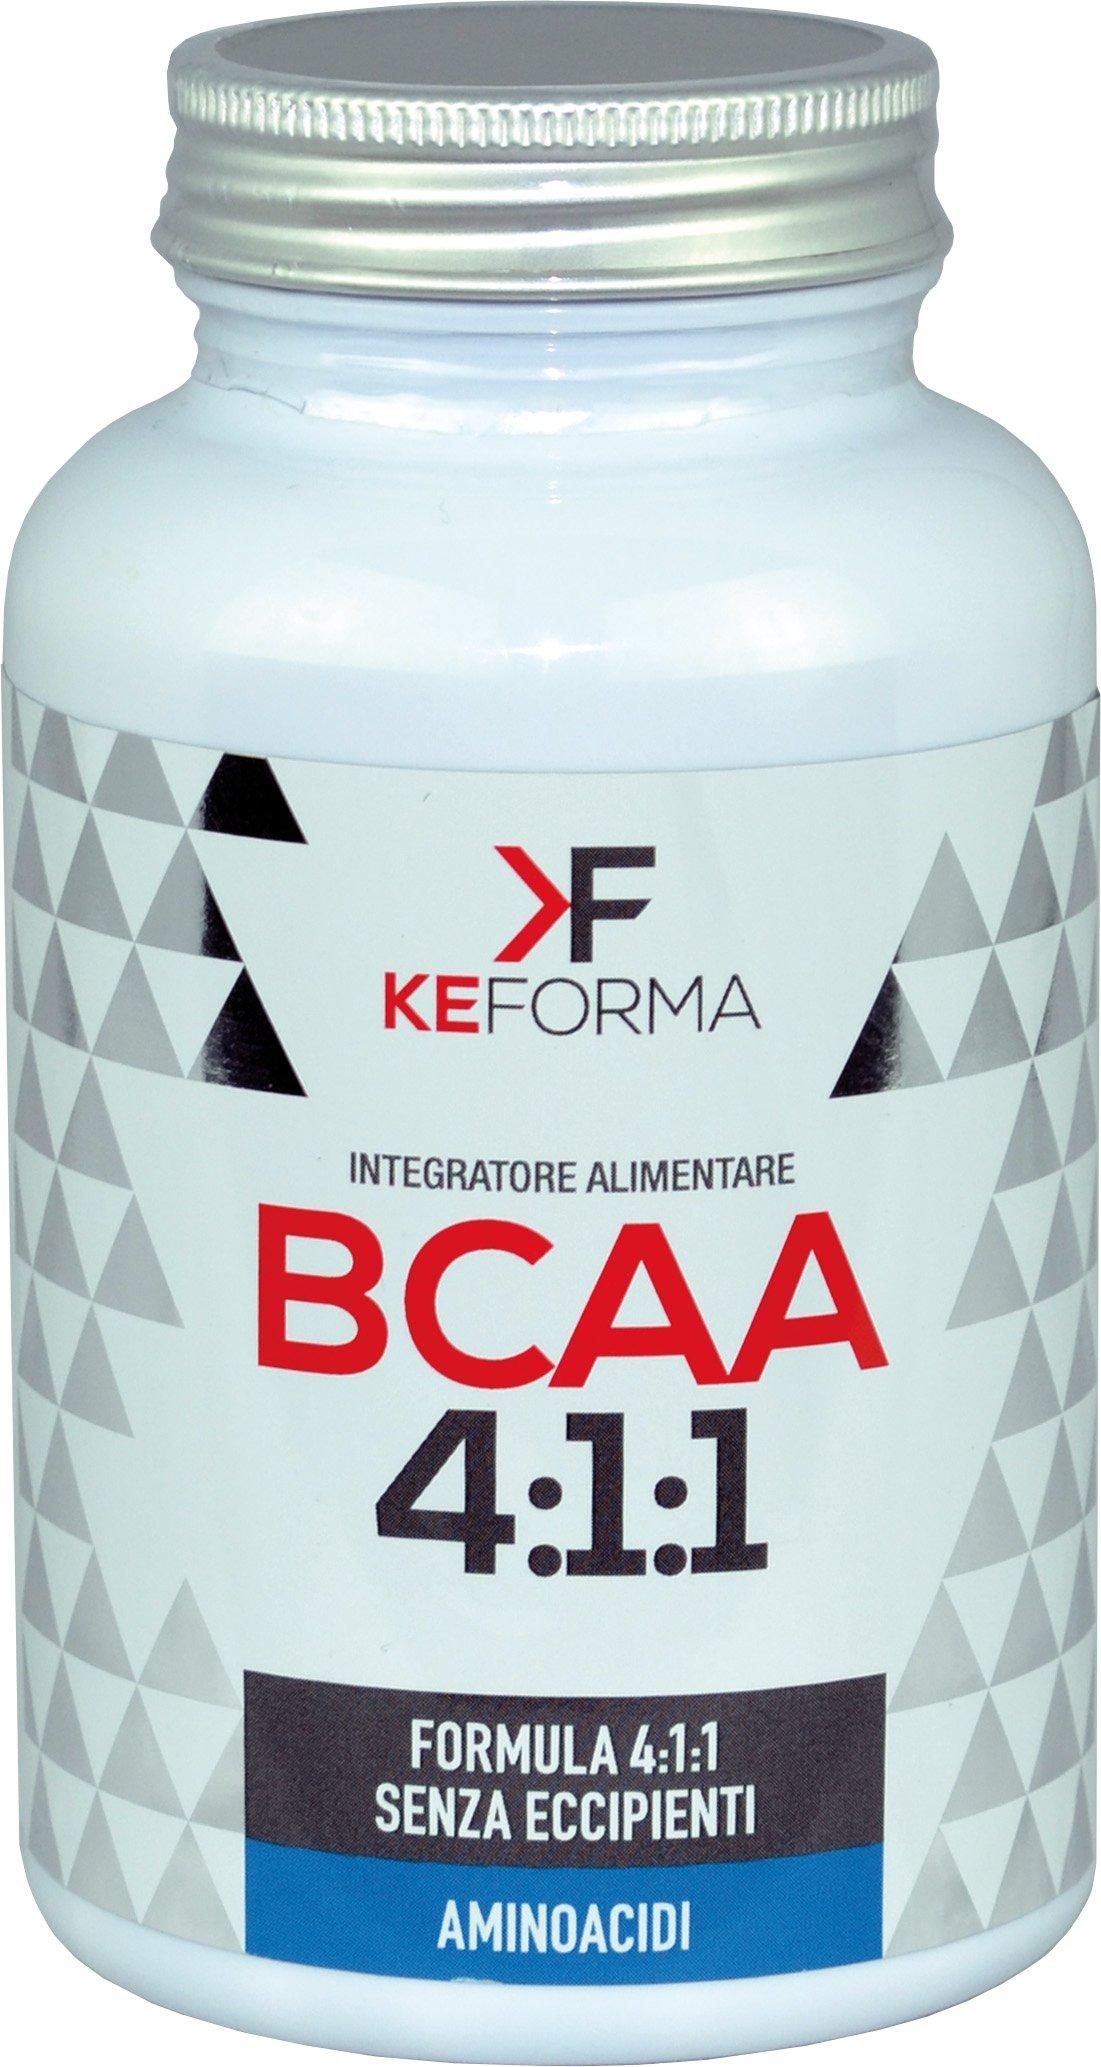 BCAA 4-1-1-ke-forma